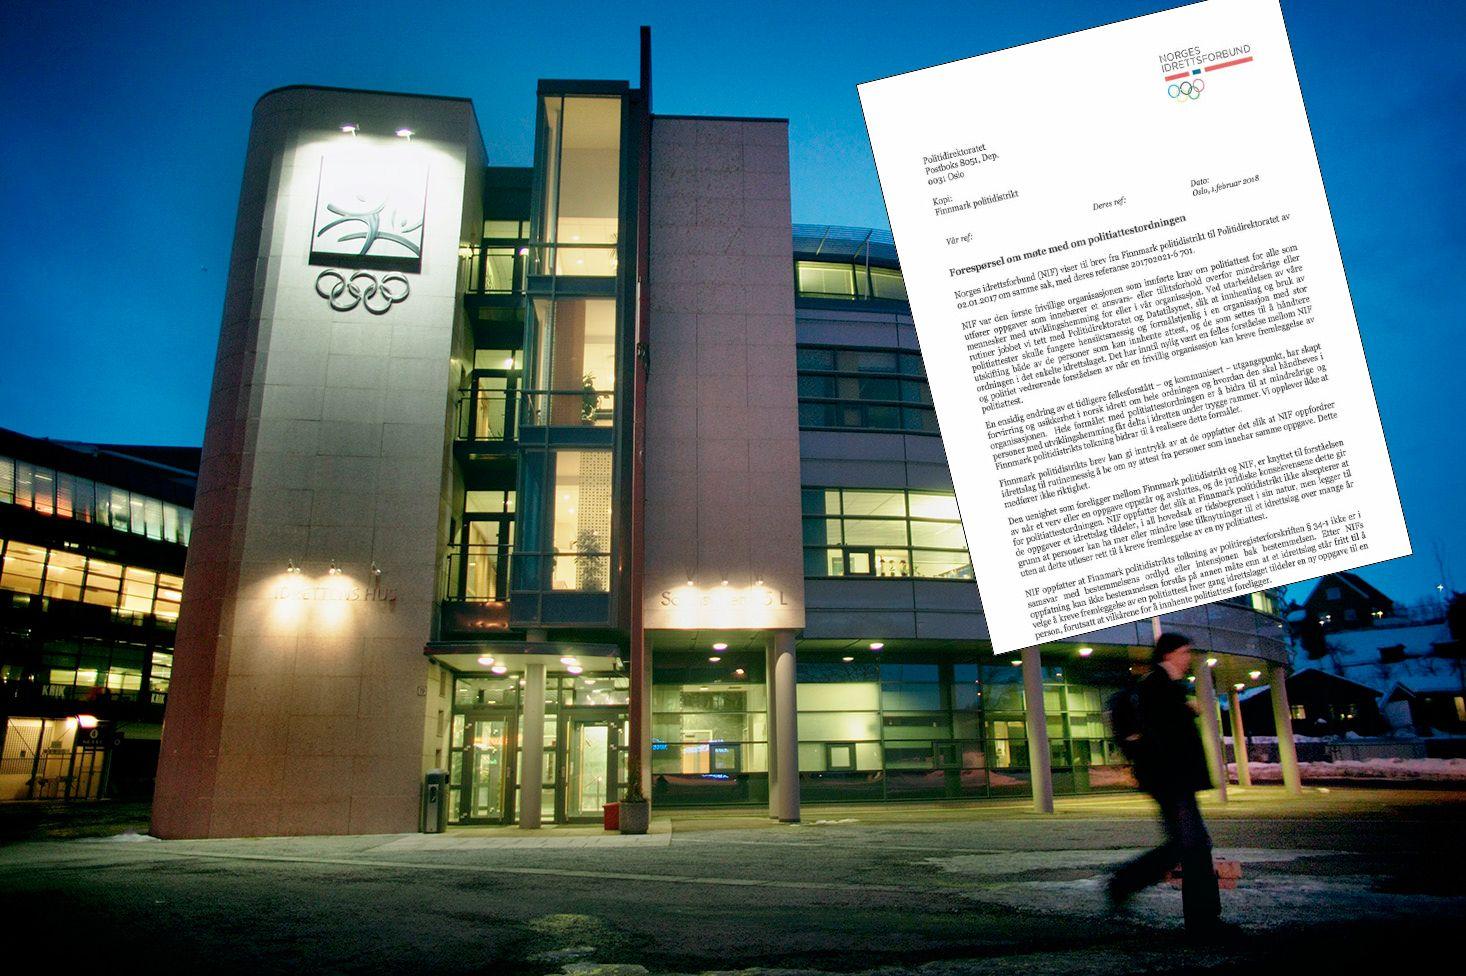 KRANGLER OM POLITIATTESTER: NIF vil ha strengere krav til politiattester i norsk idrett. Politiet mener det ikke er hjemmel i loven til å gjøre det NIF ønsker.